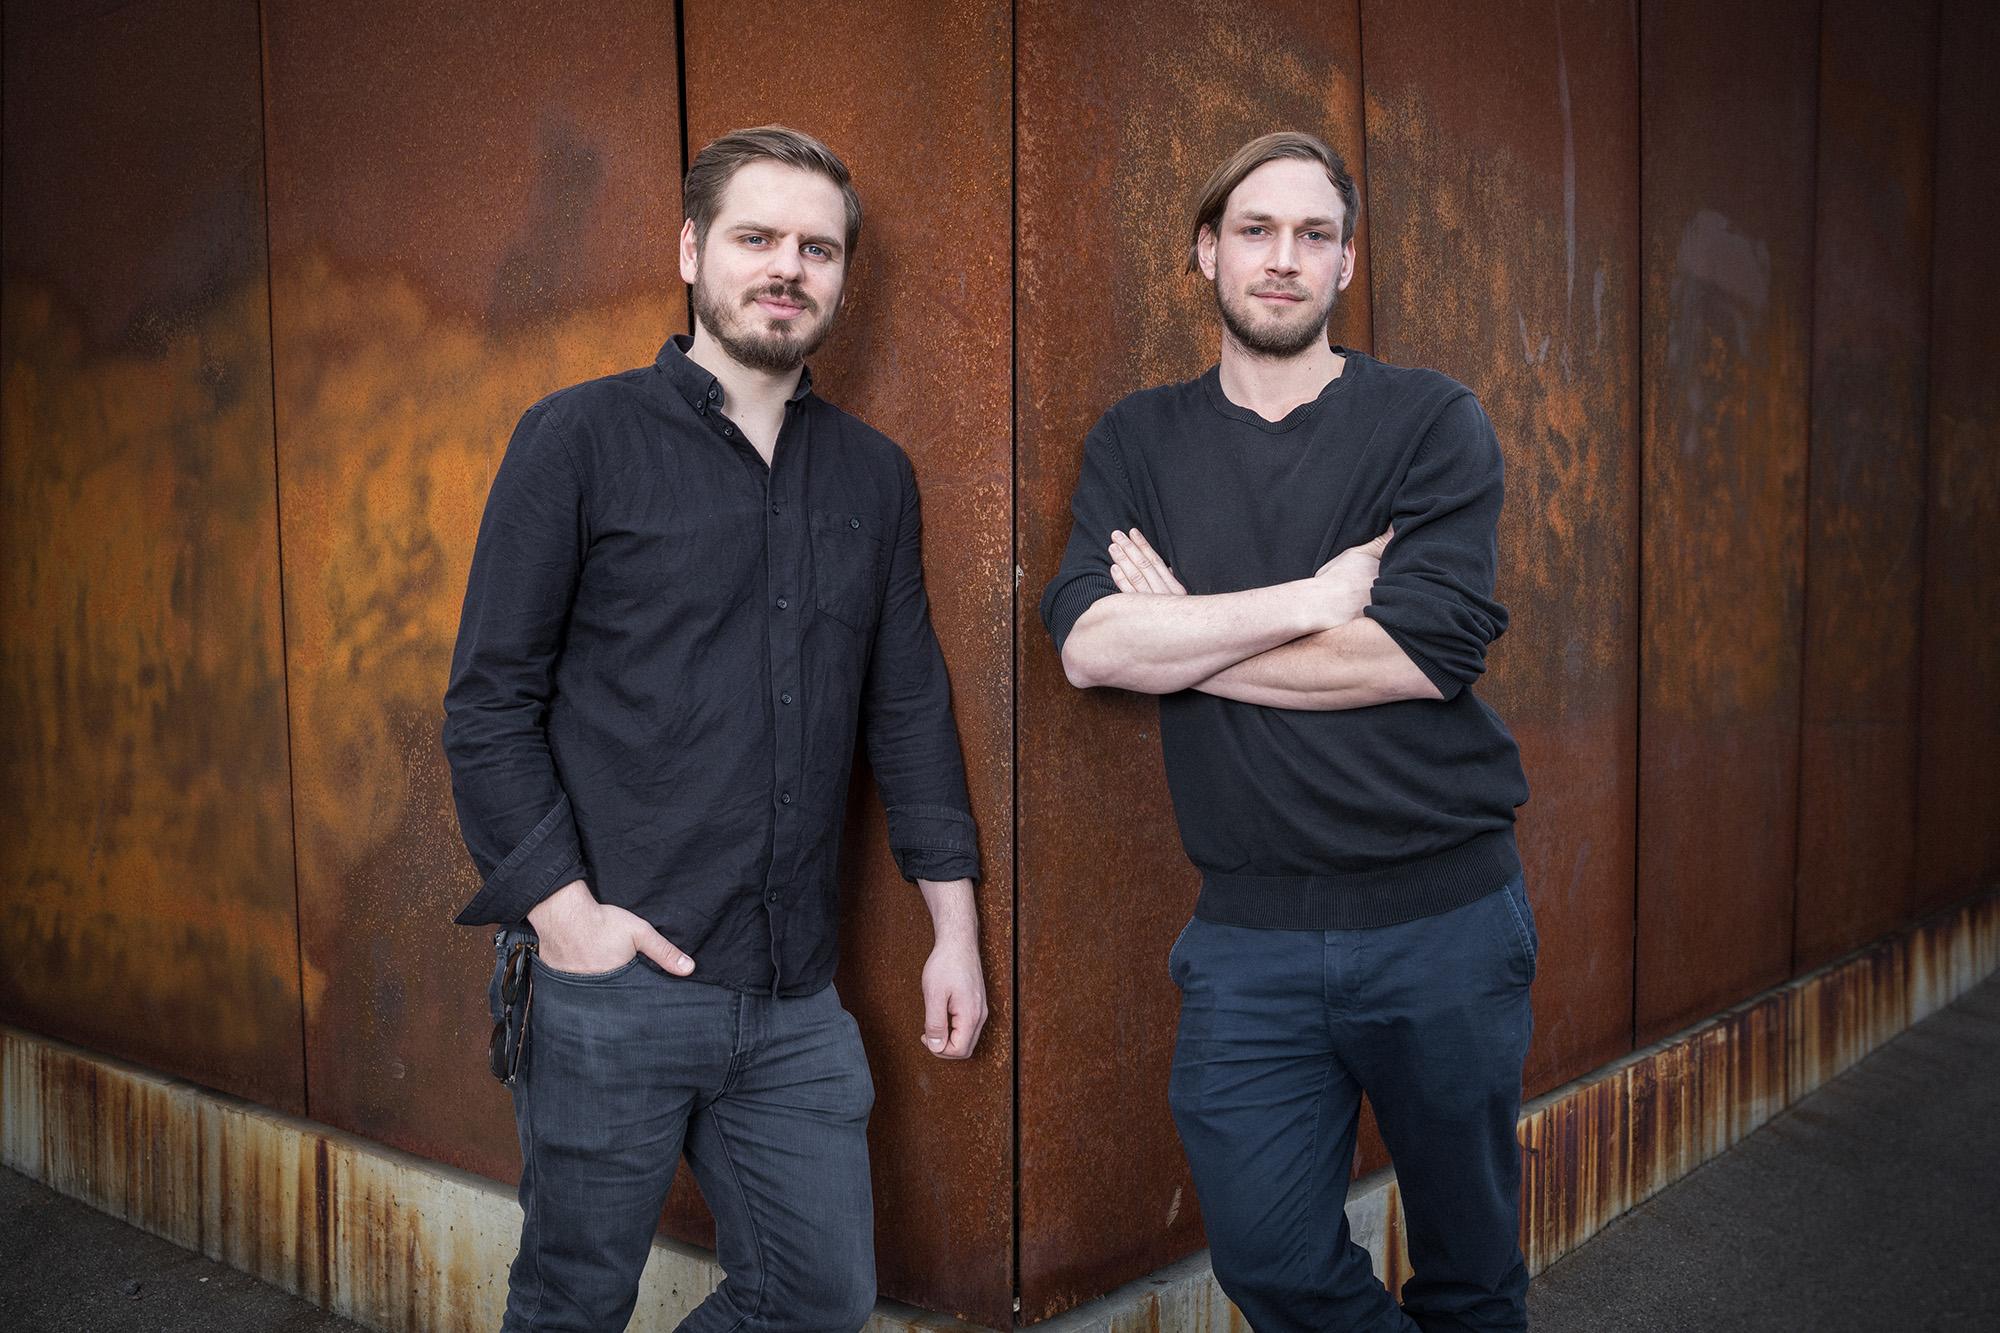 David Burger (l.) und Dominic Stämpfli von Radicalis führen die erfolgreichste Agentur der Region –aber beileibe nicht